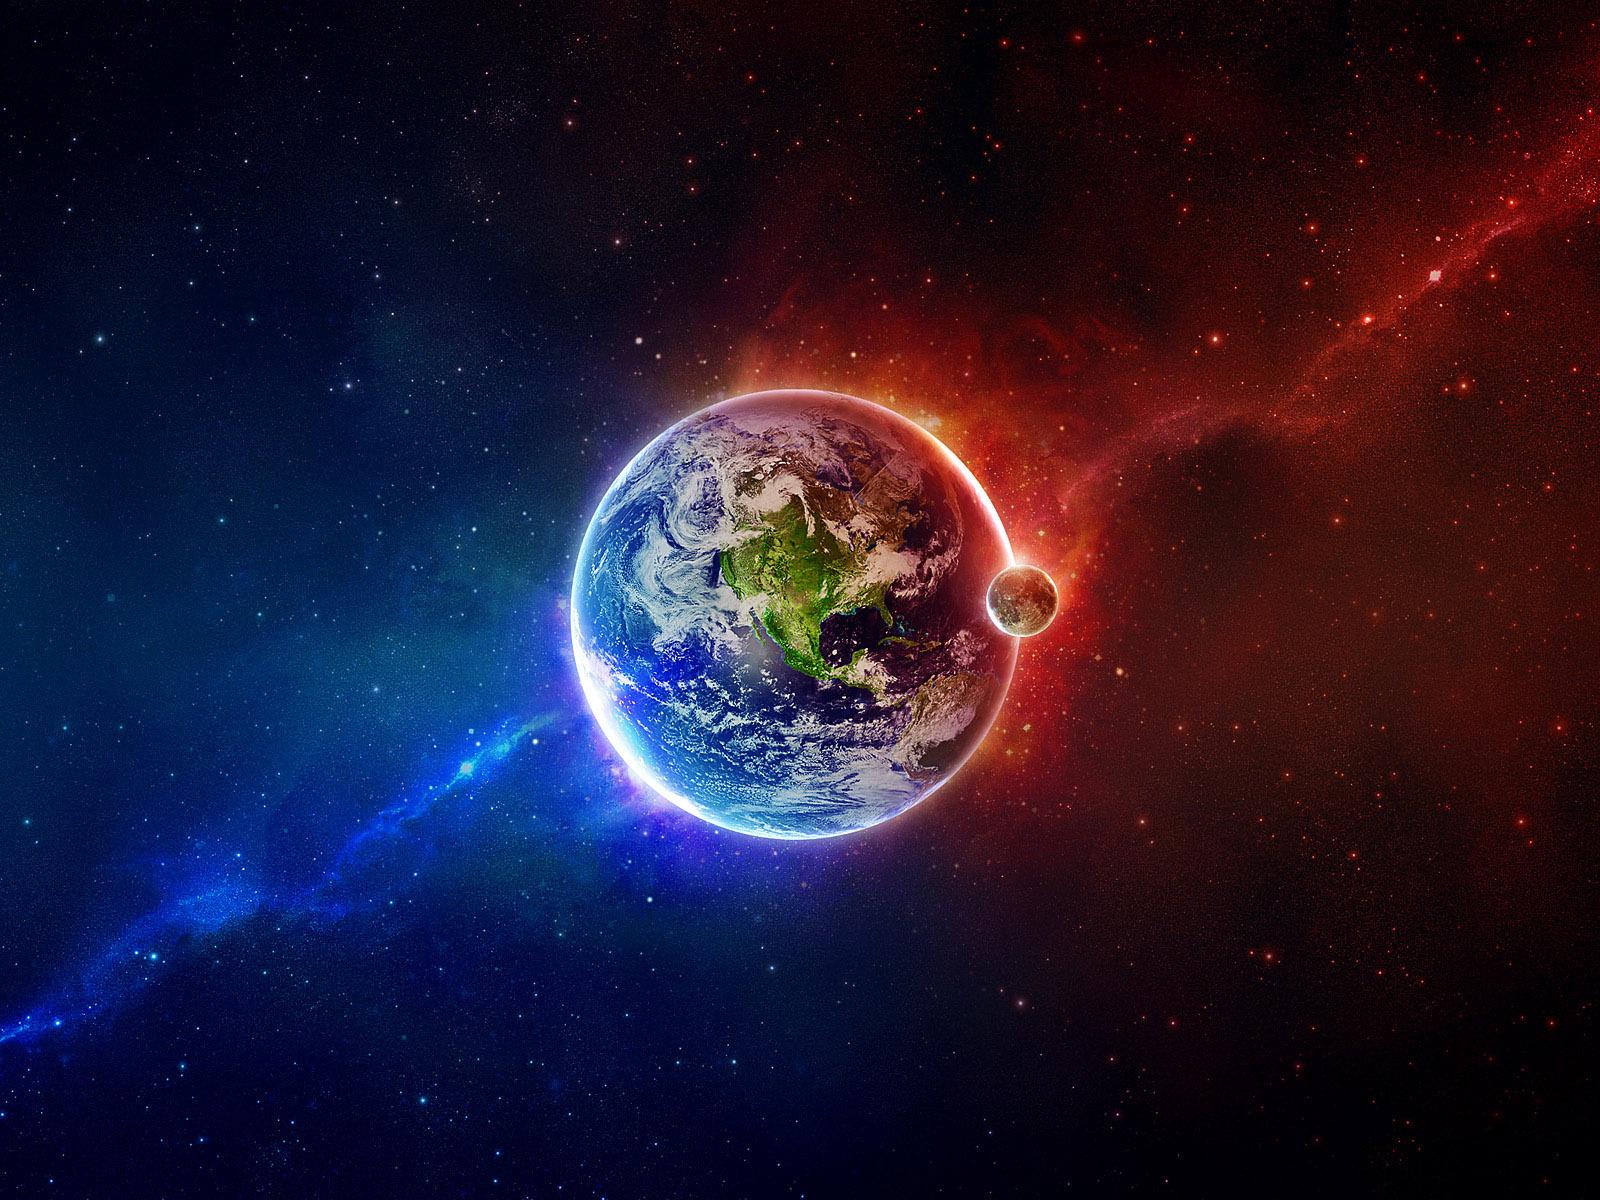 kosmos_vselennaia_oboi_hd_nasha_planeta